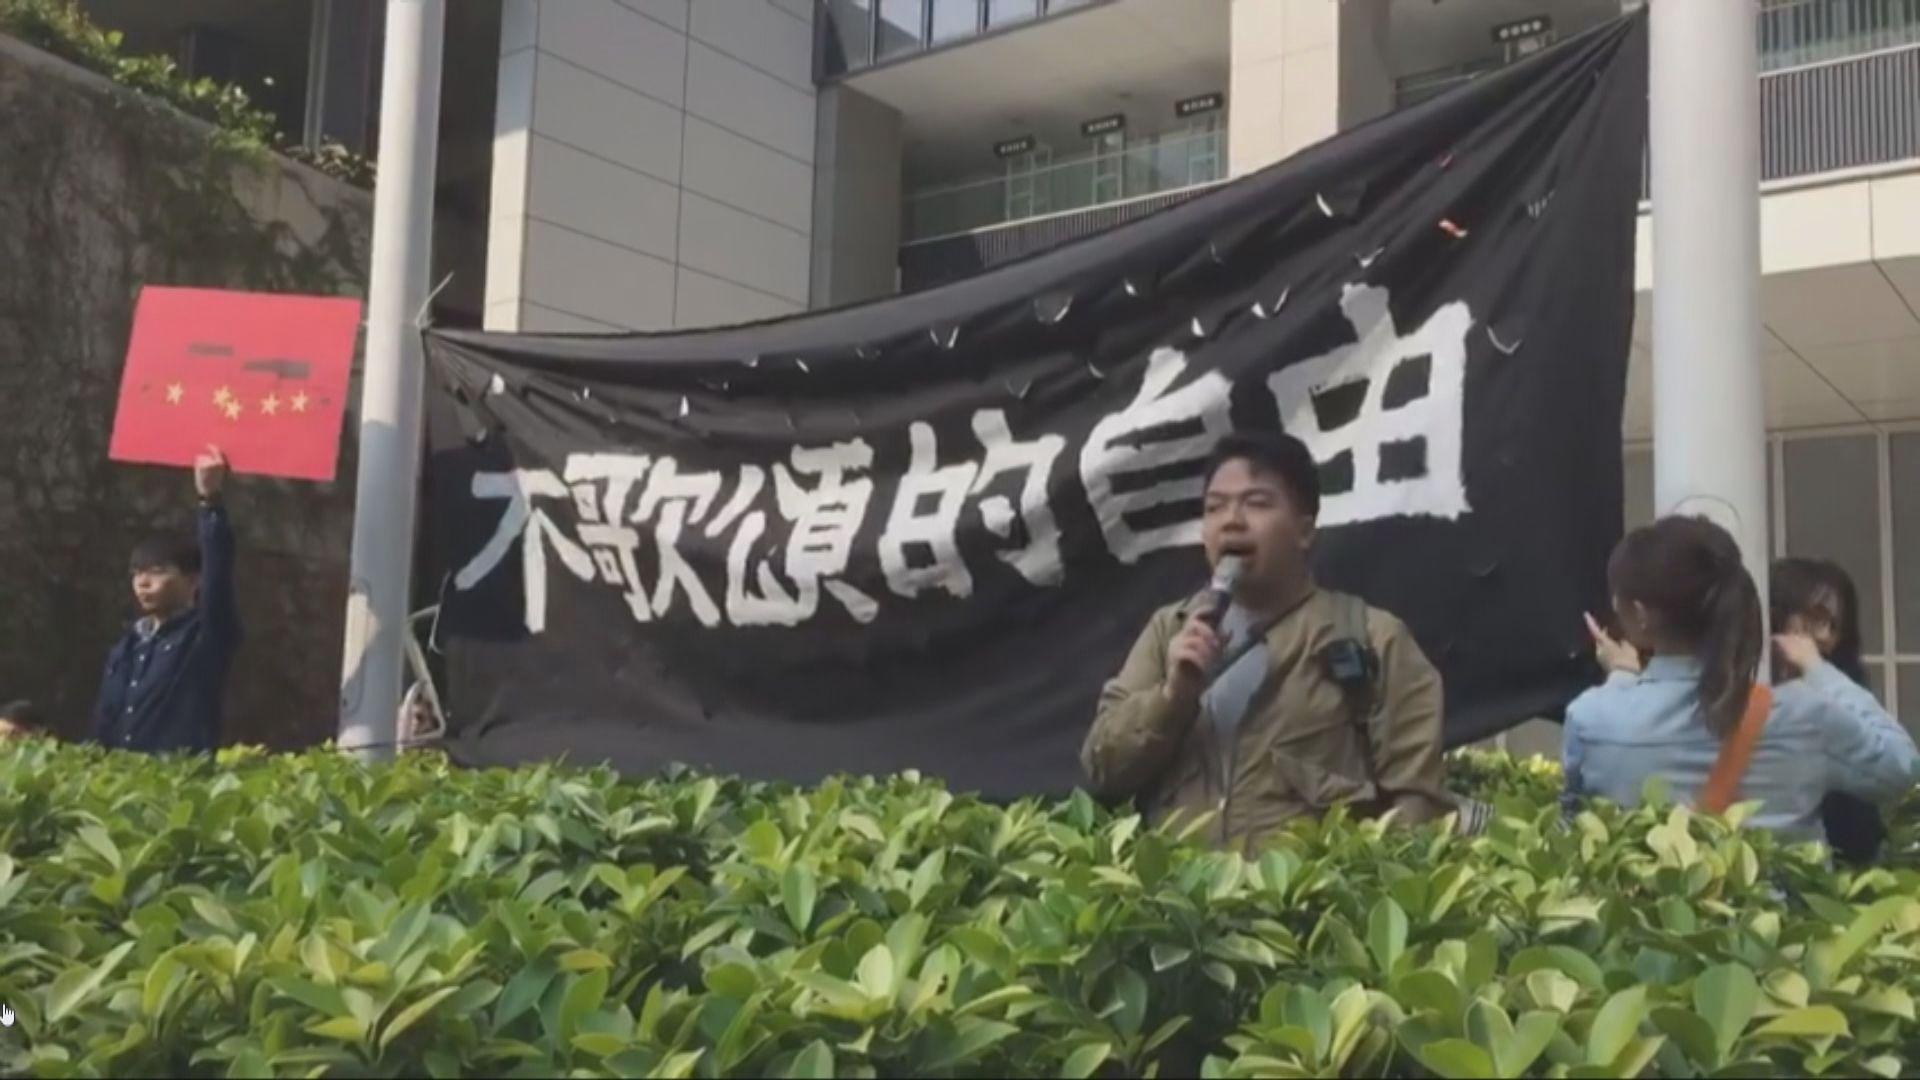 香港眾志政總示威 行政署指已報警